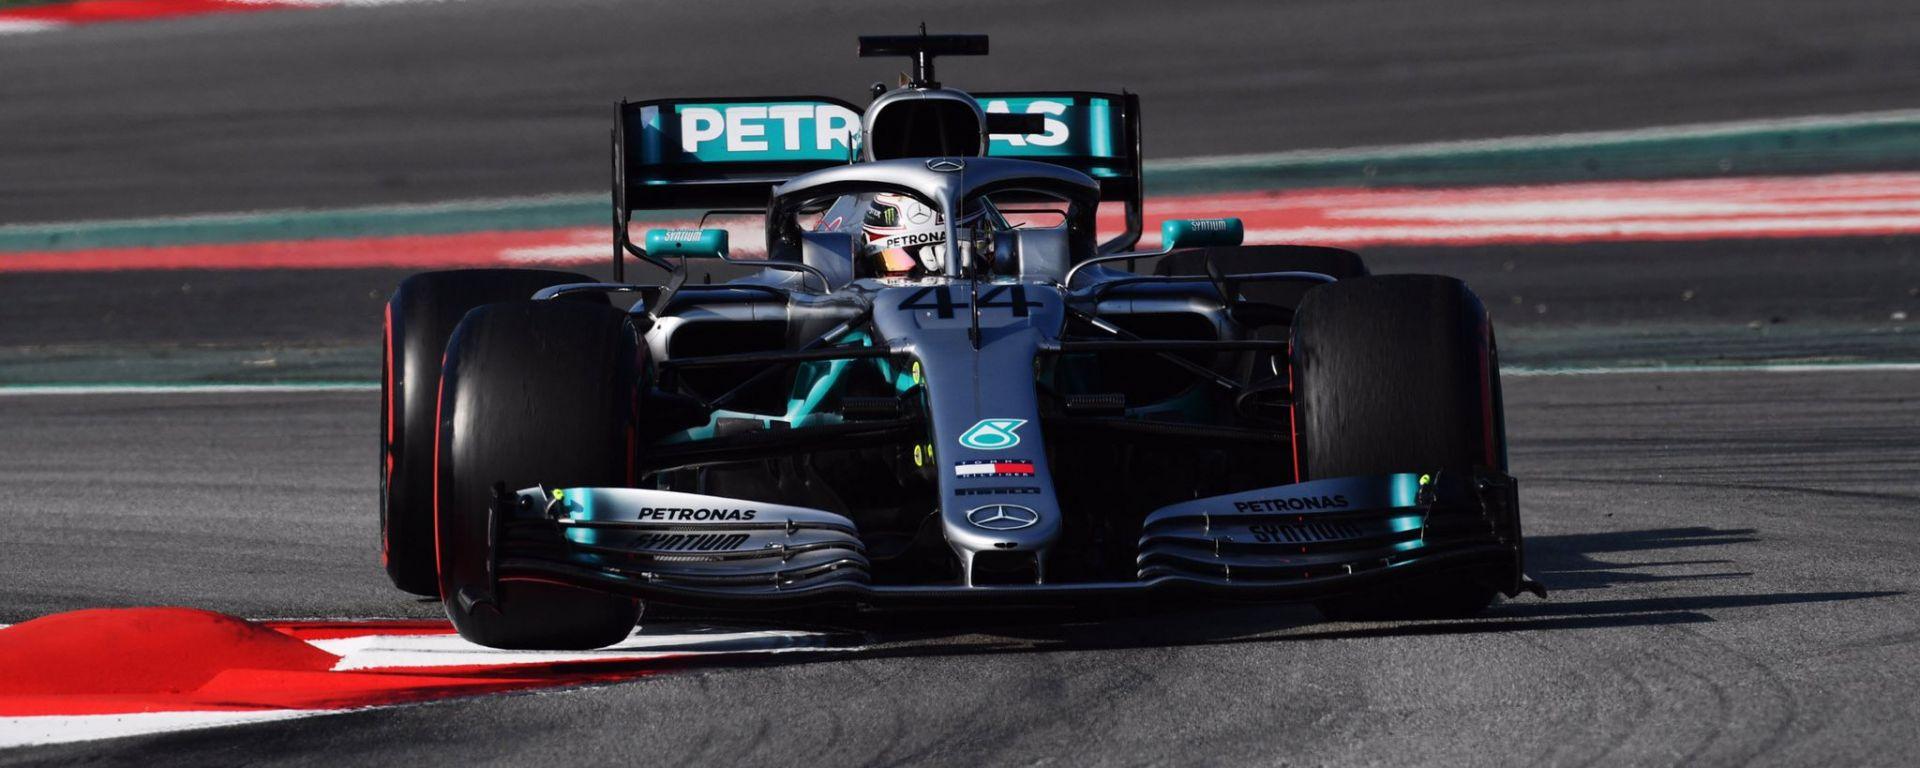 Tutti i numeri della 1° sessione di test F1 a Barcellona